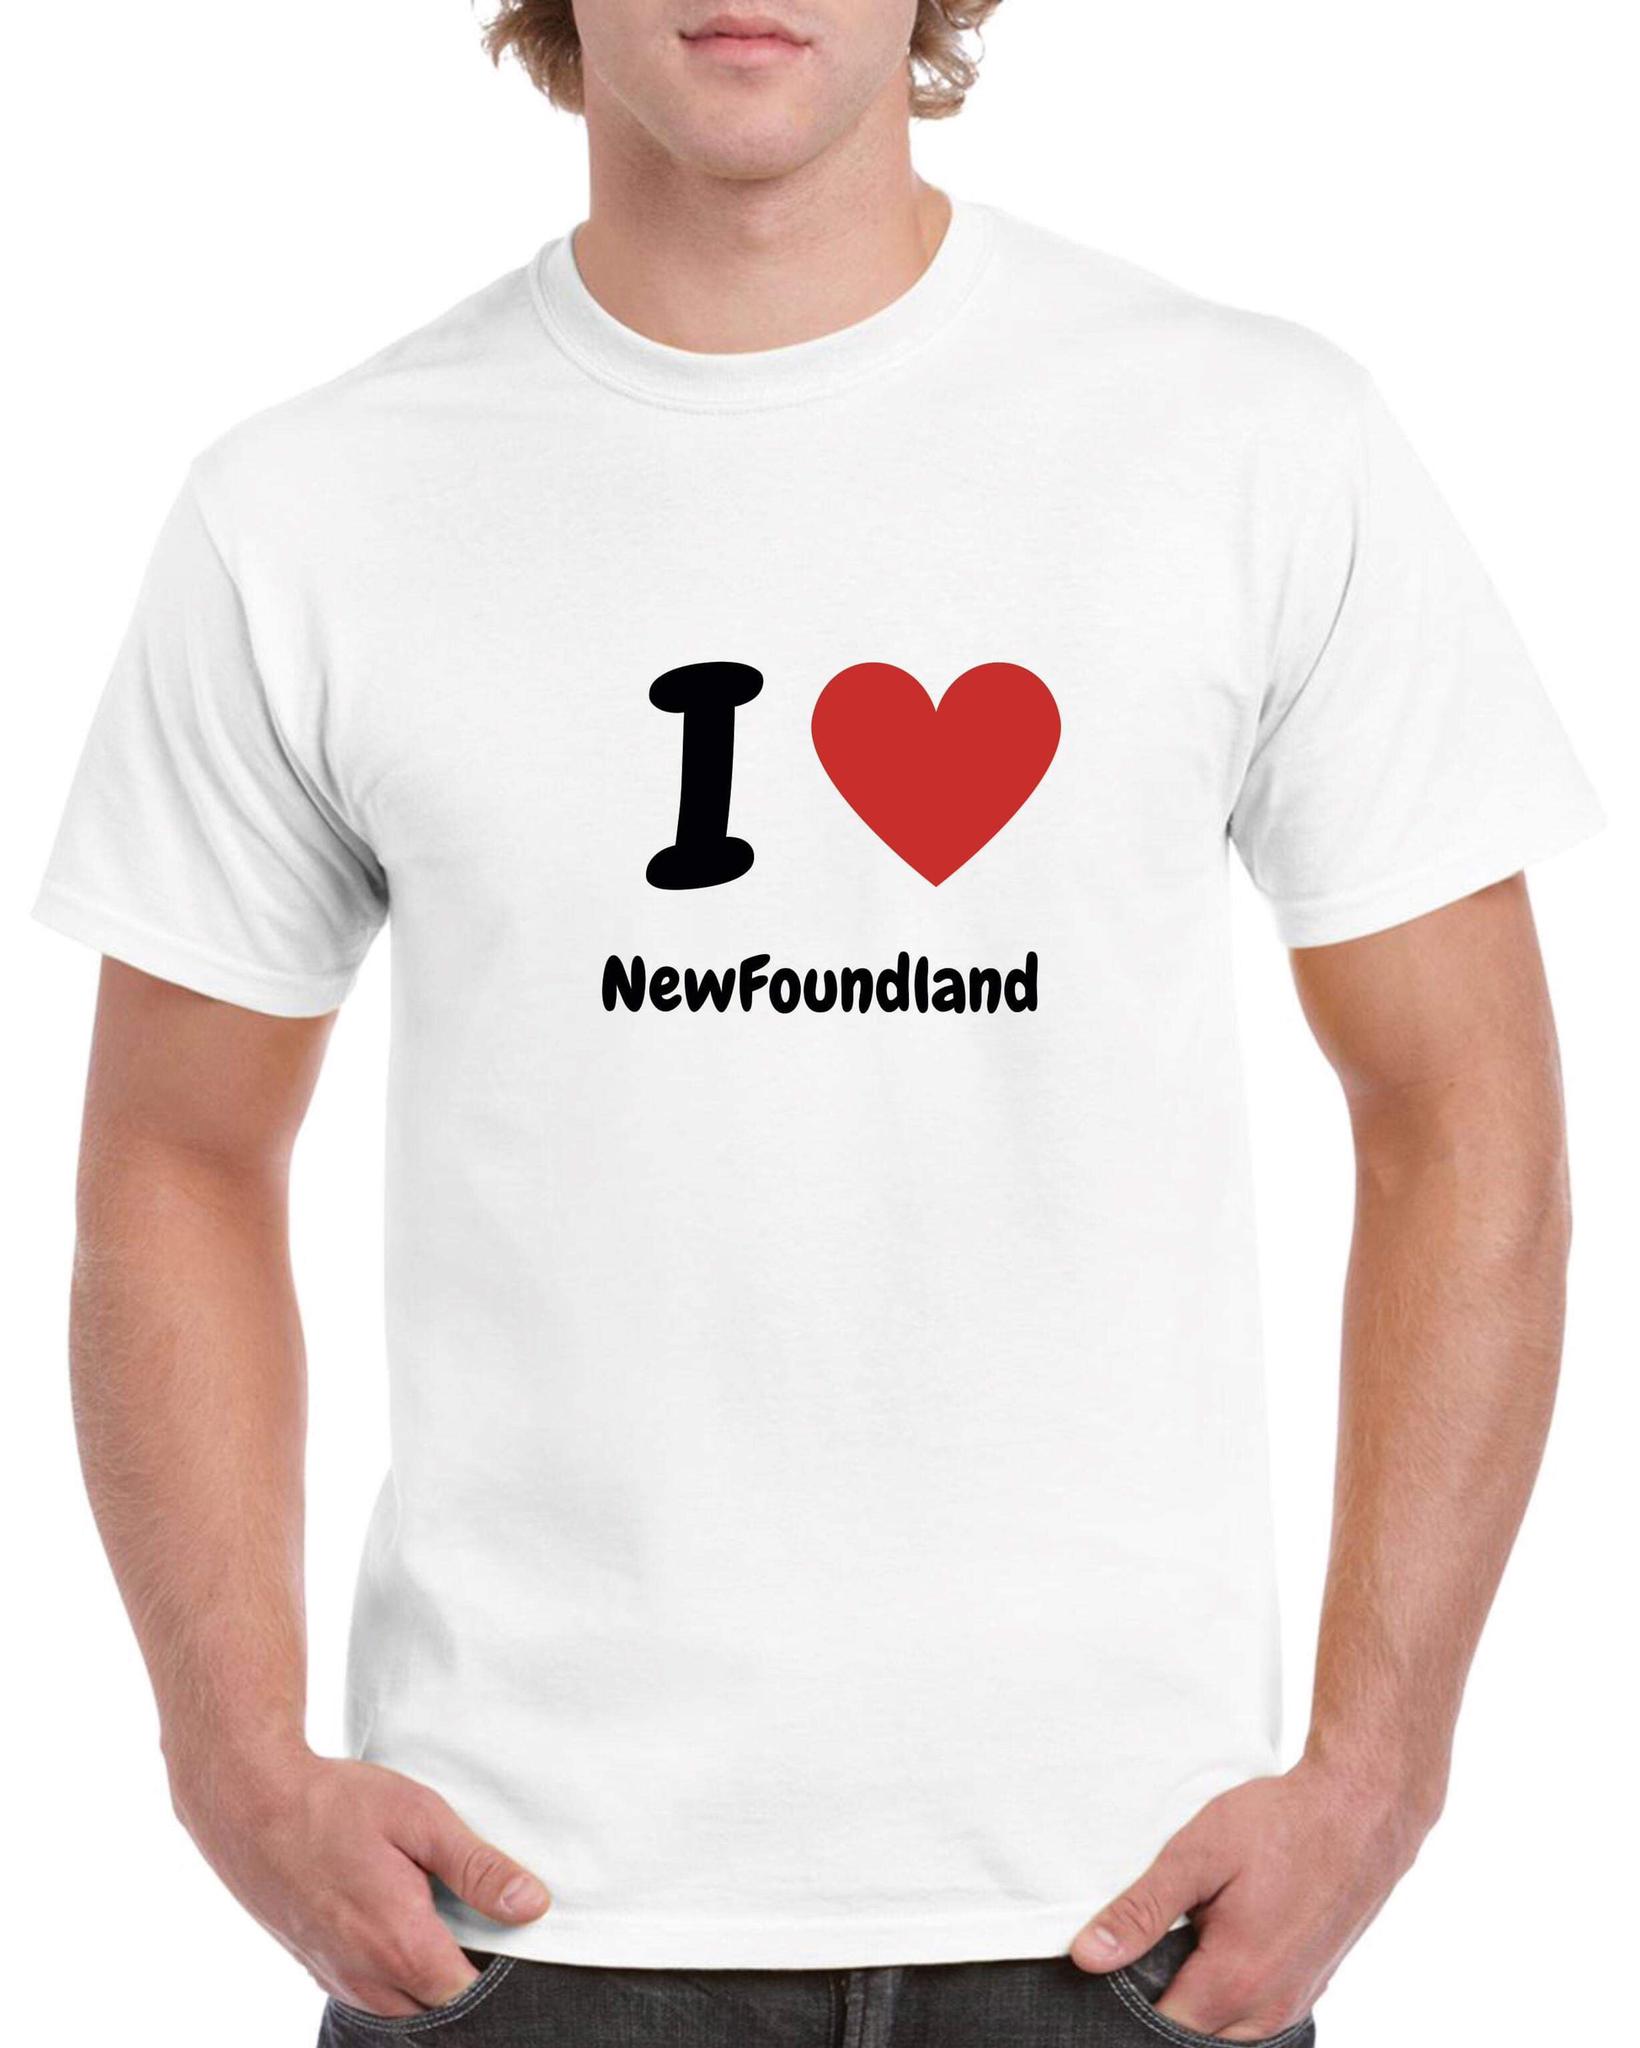 T-shirt póló - kerek-nyakú - fehér - Újfoundlandi